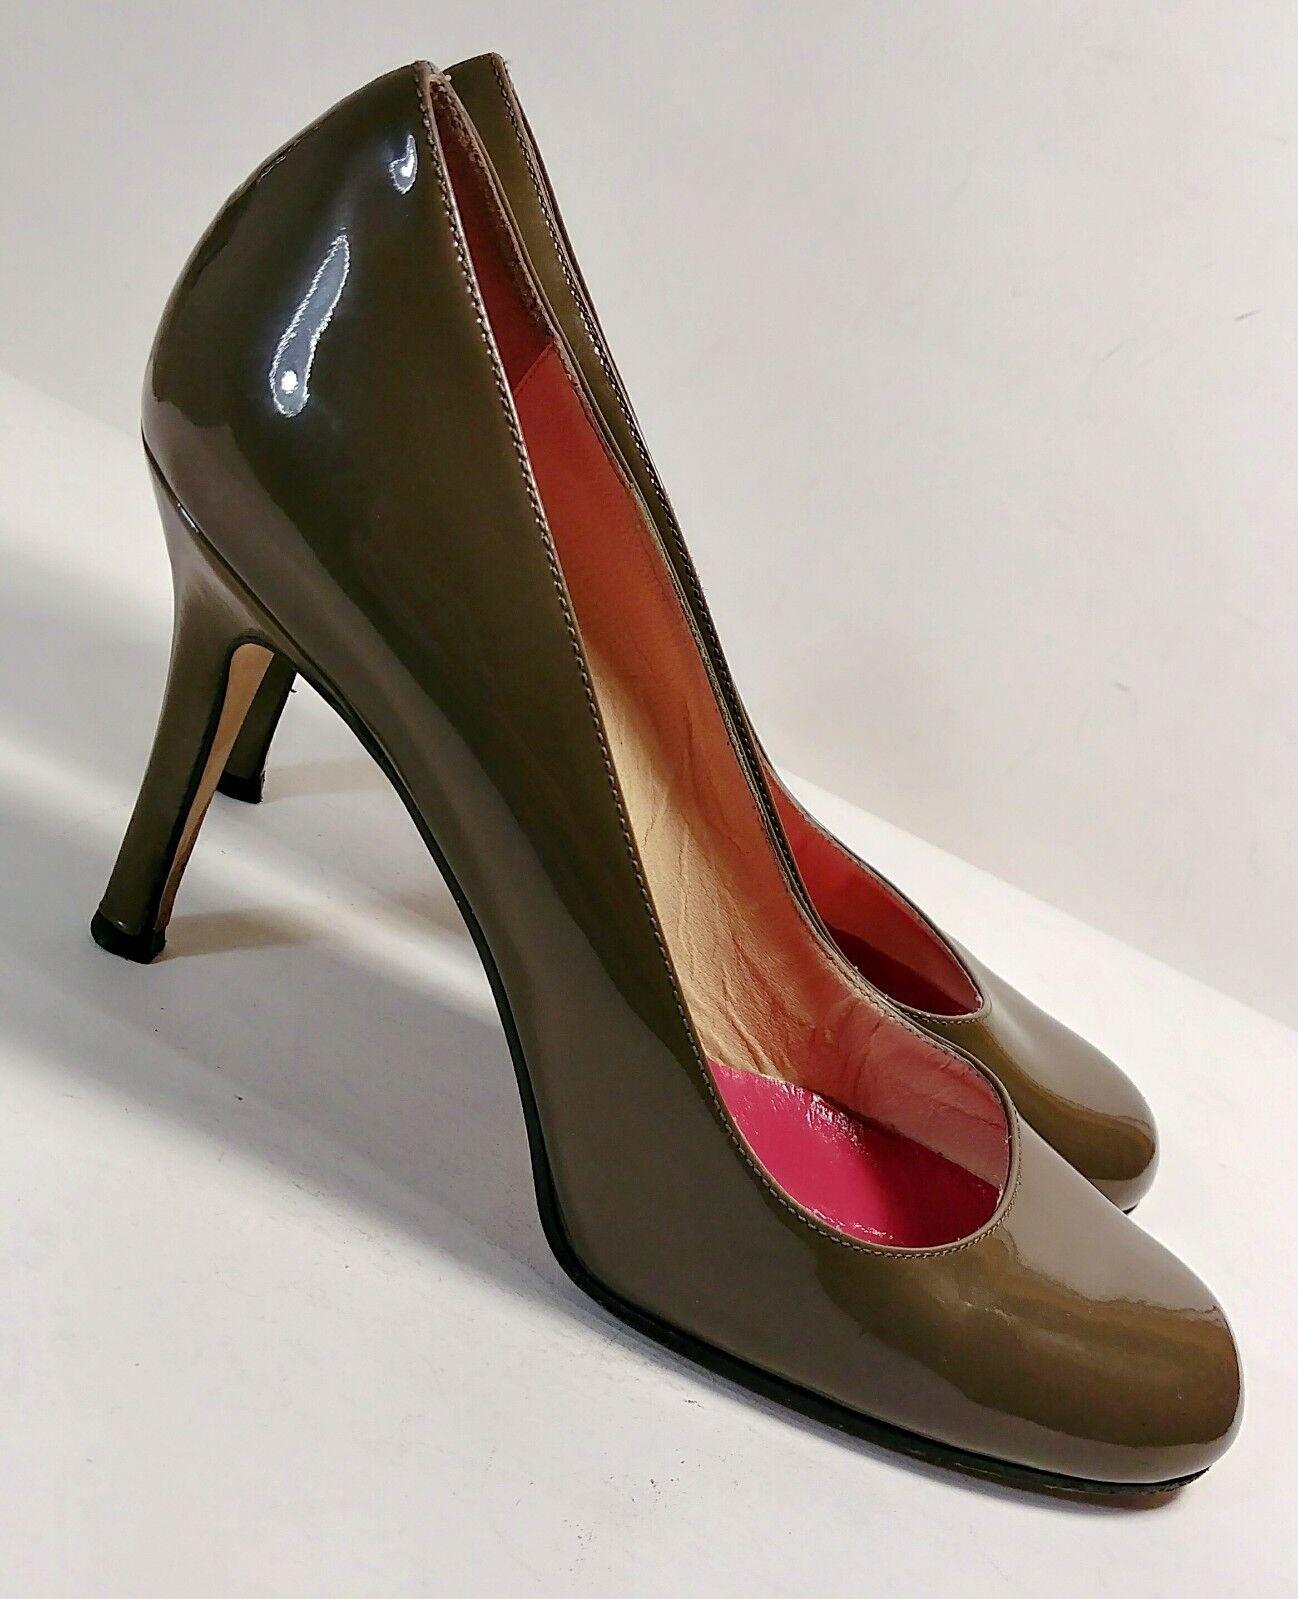 Kate Spade Olive Grün Patent Leather Round Toe Classic Pumps Pumps Pumps Größe 7.5B XLNT 402005